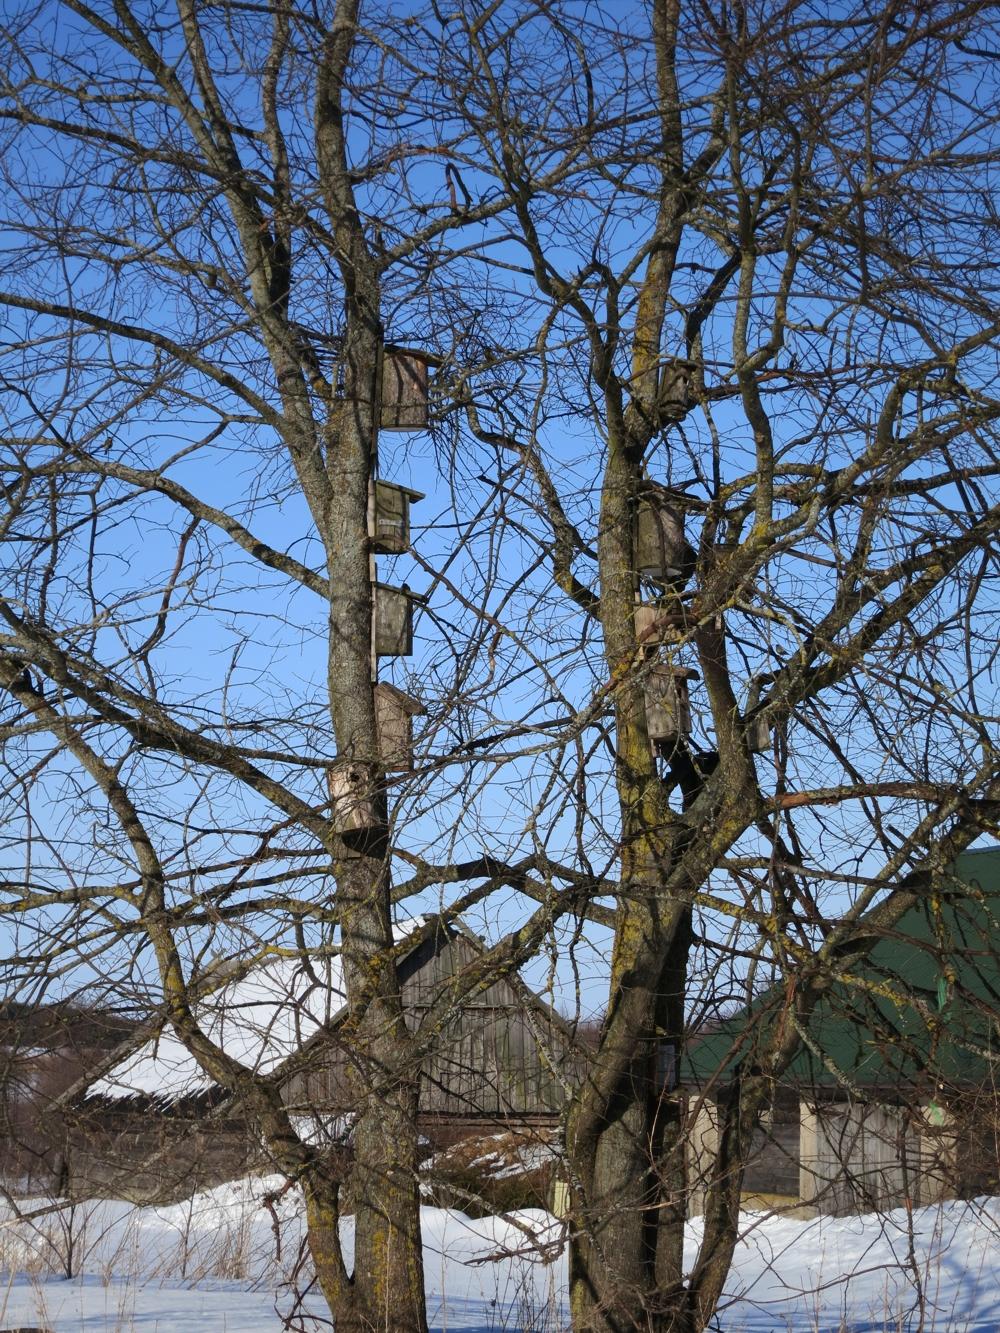 Widok na drzewa z karmnikami dla ptaków, zima w Harkawiczach, w tle drewniane domy